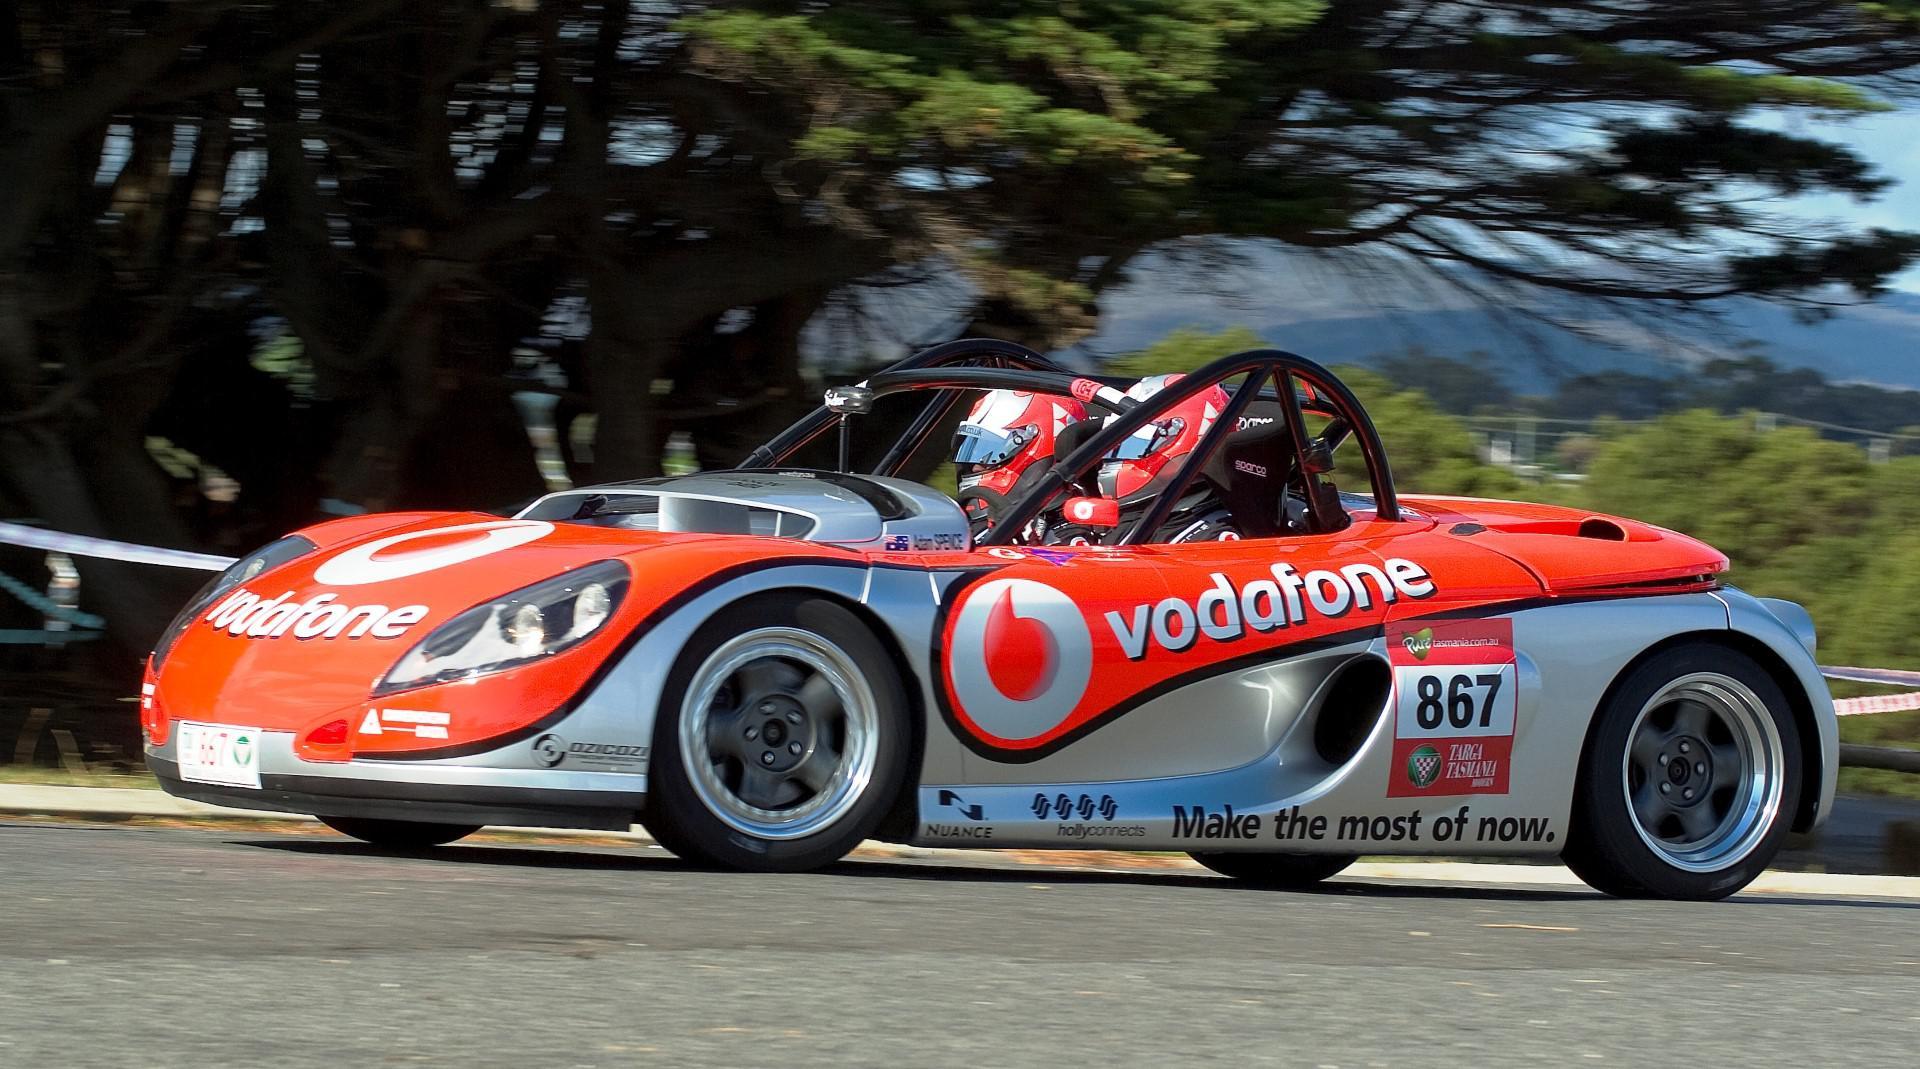 voitures-de-sports-qui-auront-25-ans-aujourd-hui-1269-77.jpg